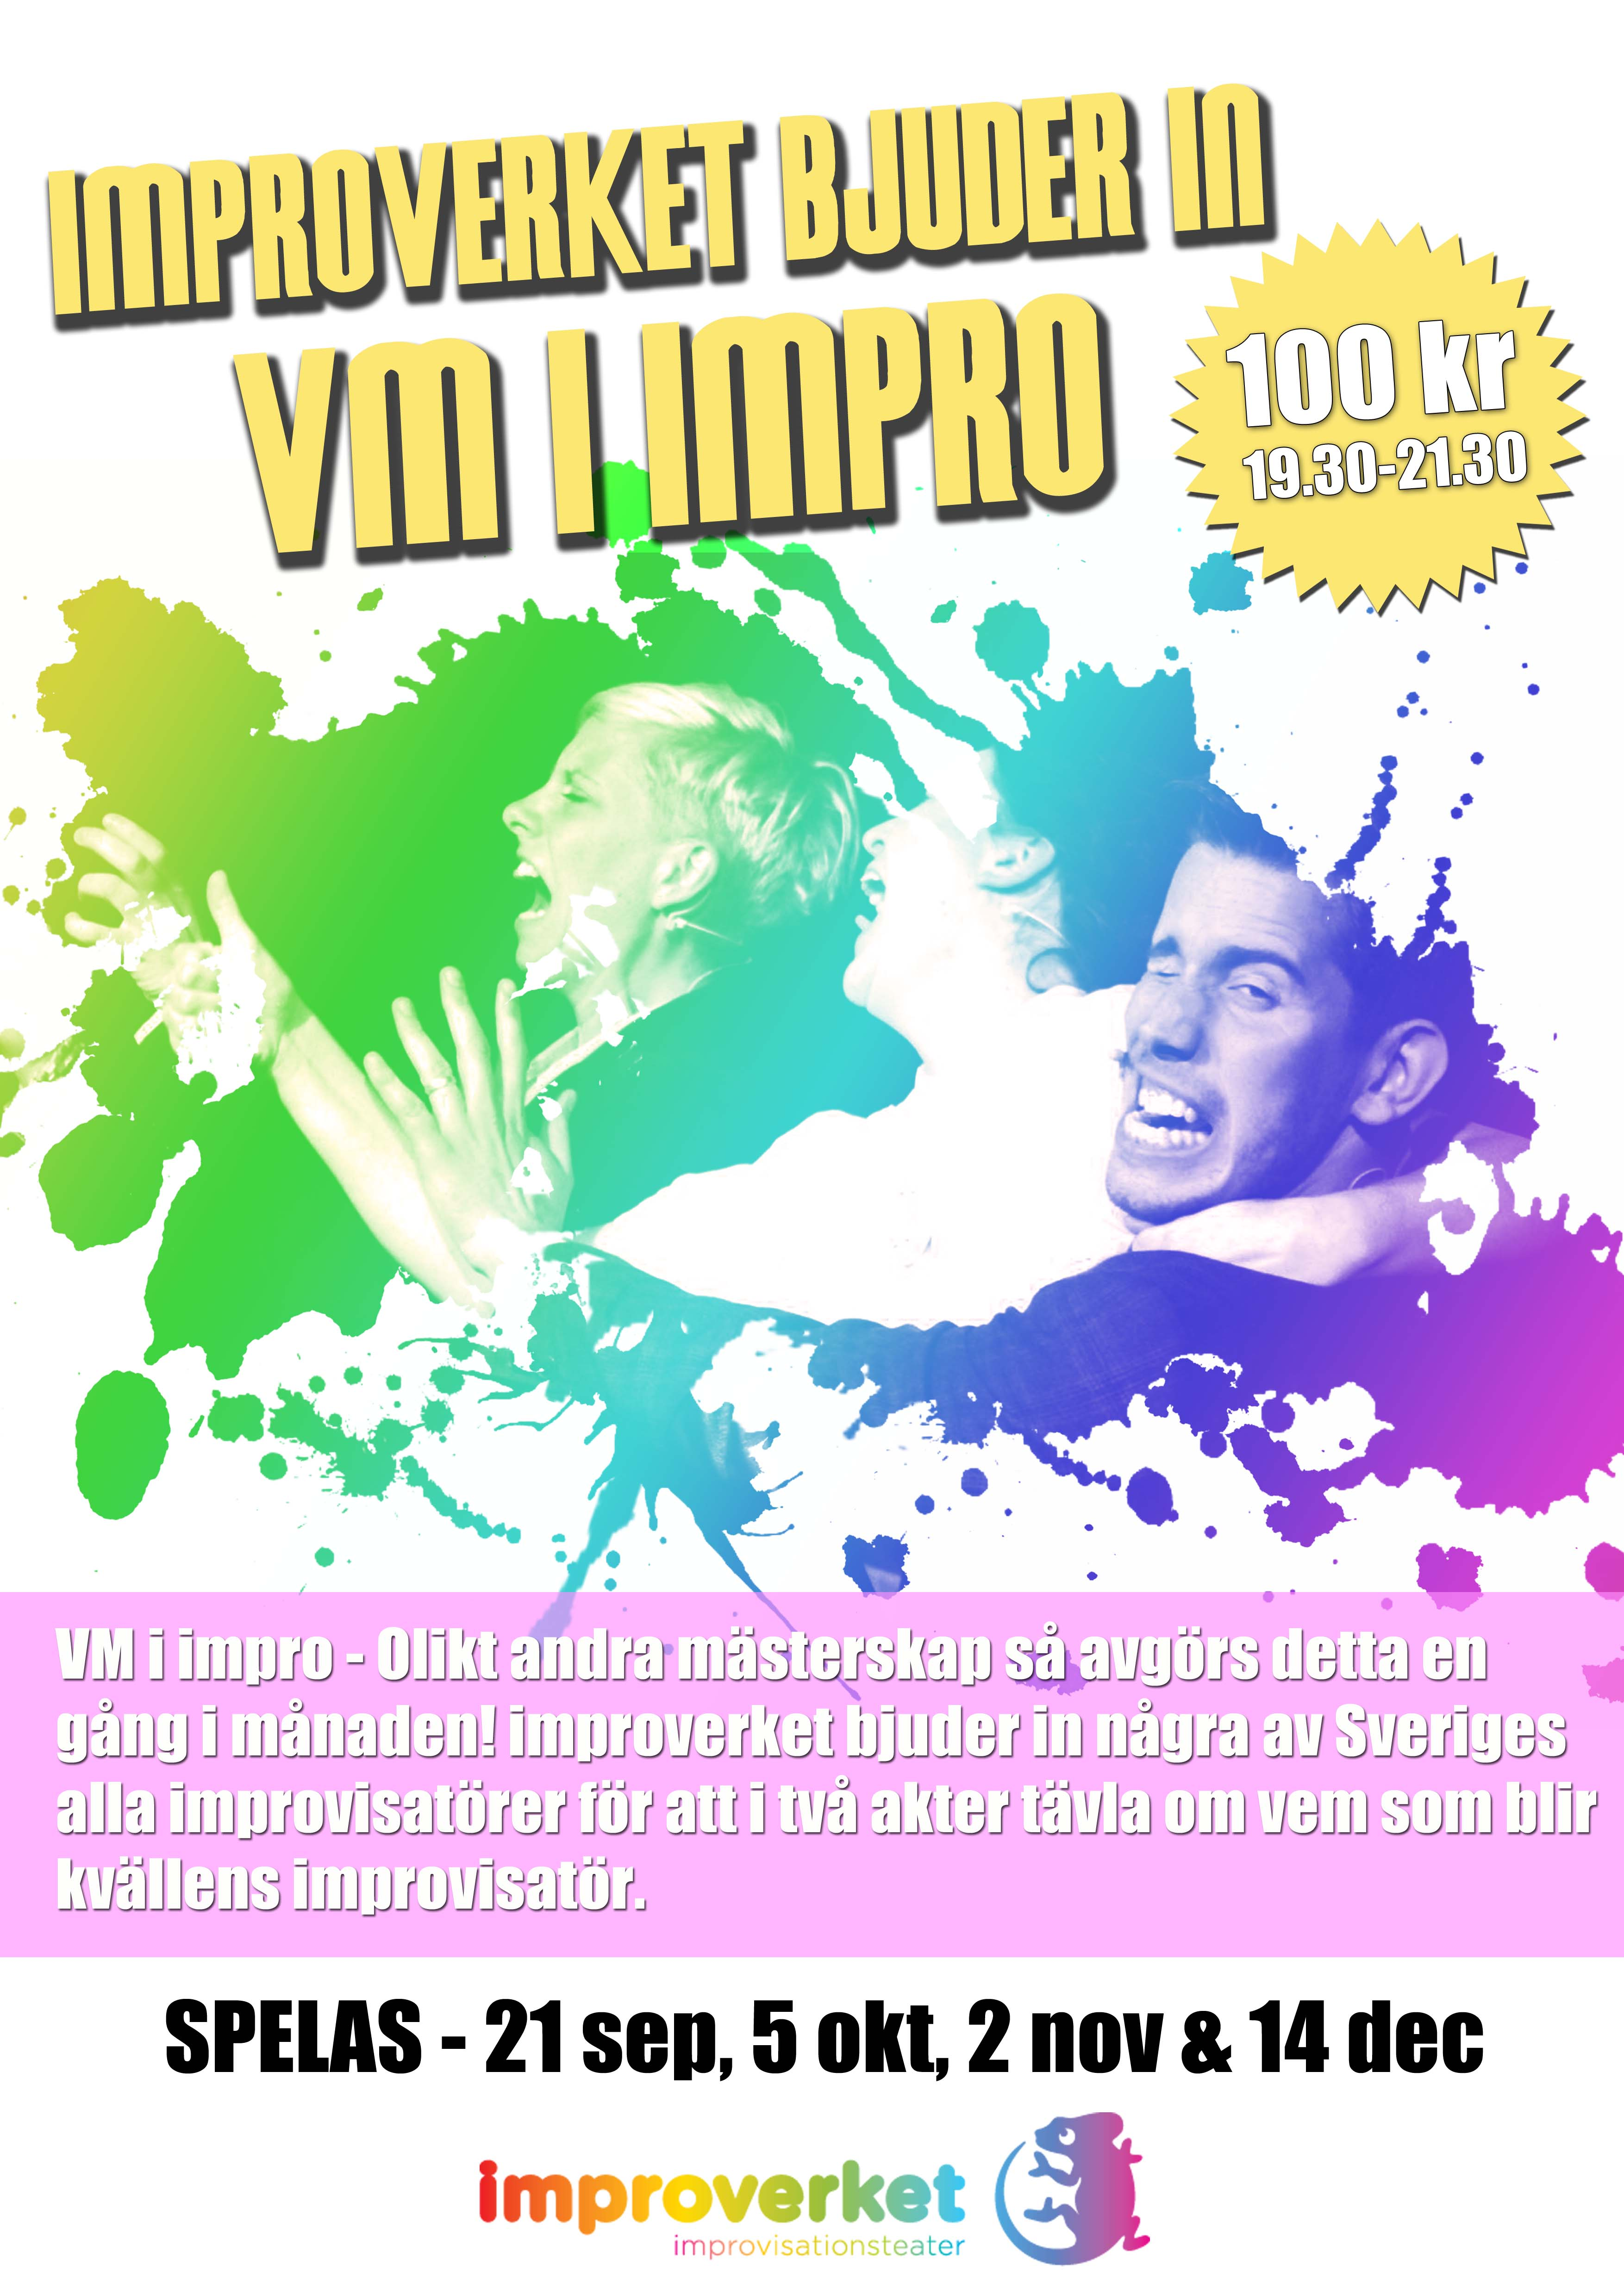 Improverket bjuder in - VM i impro!